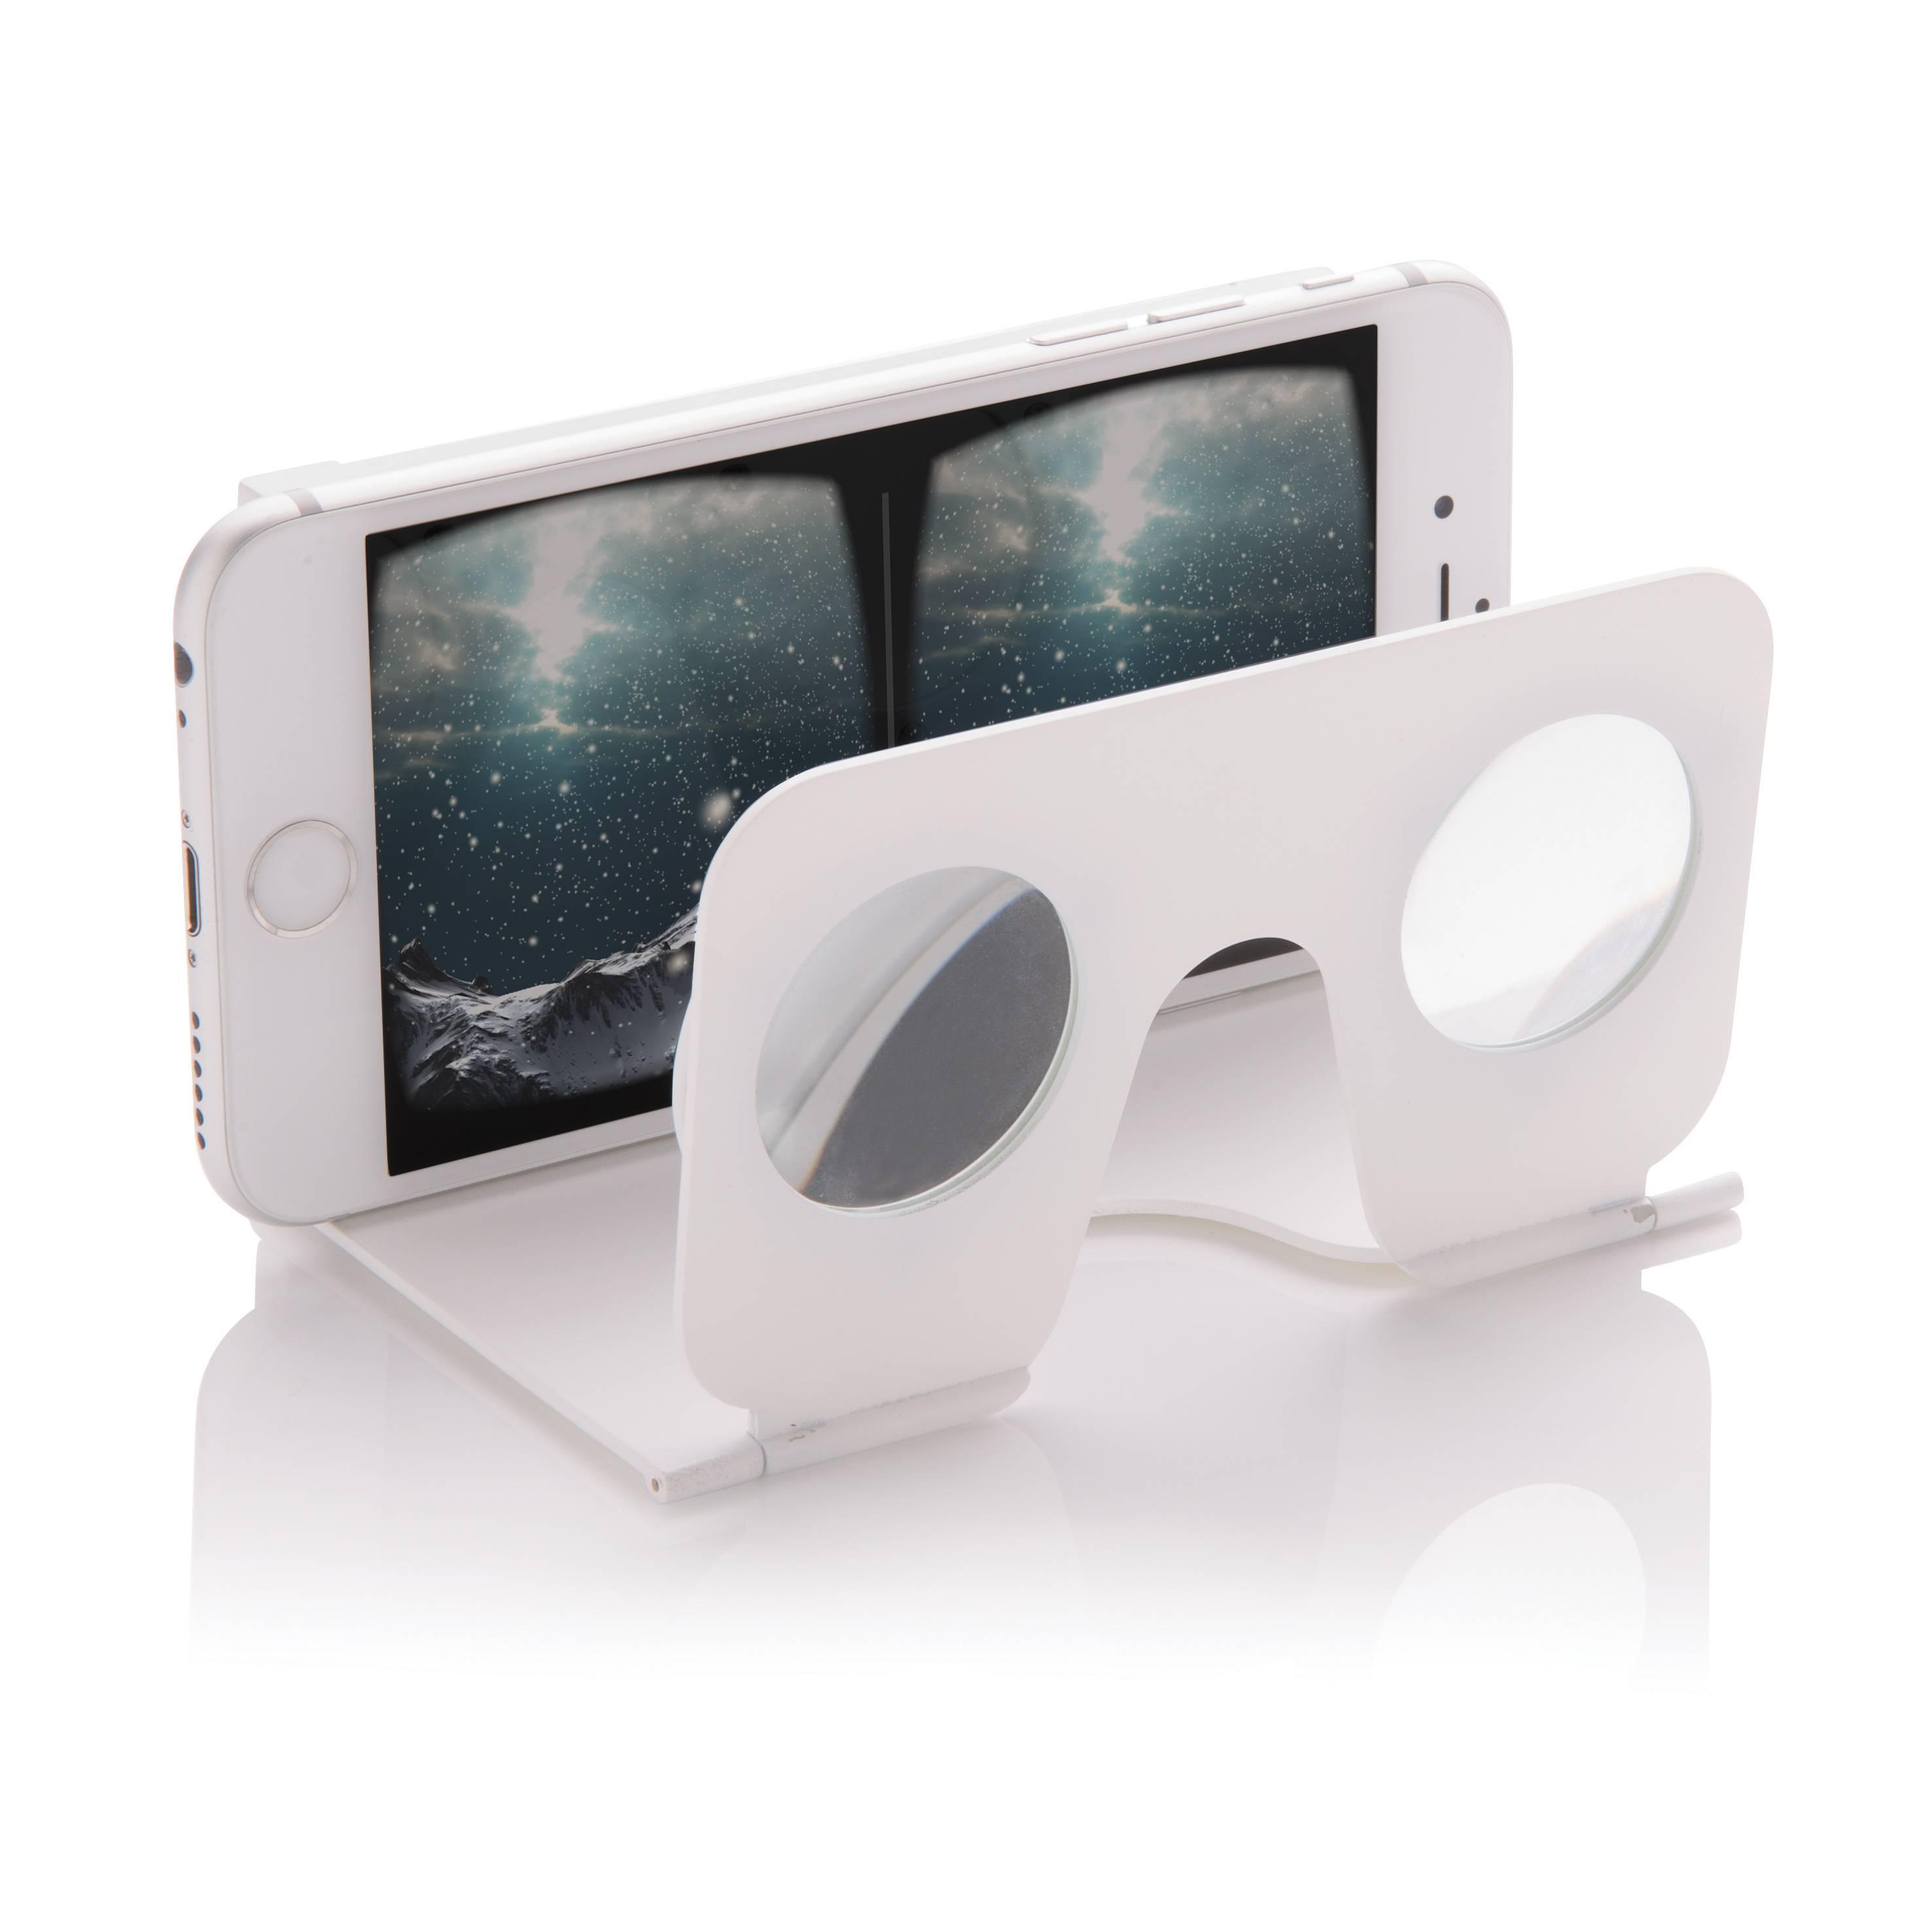 VR brille - Mini virtual reality glasses (Hvid) thumbnail